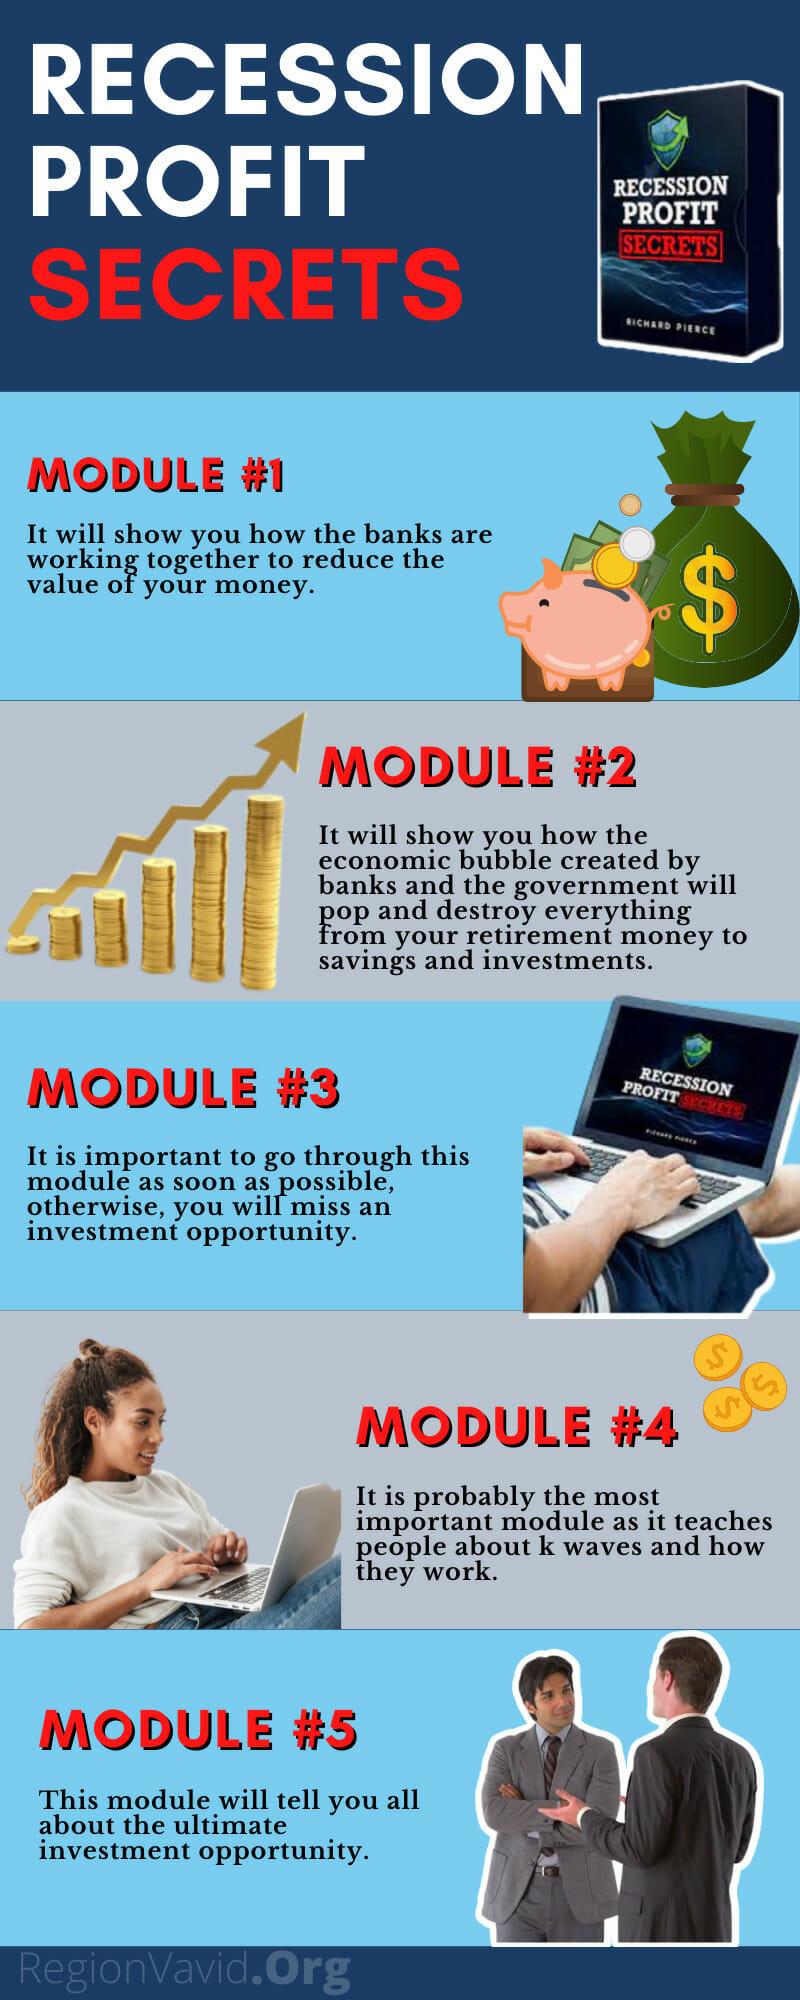 Recession Profit Secrets Module